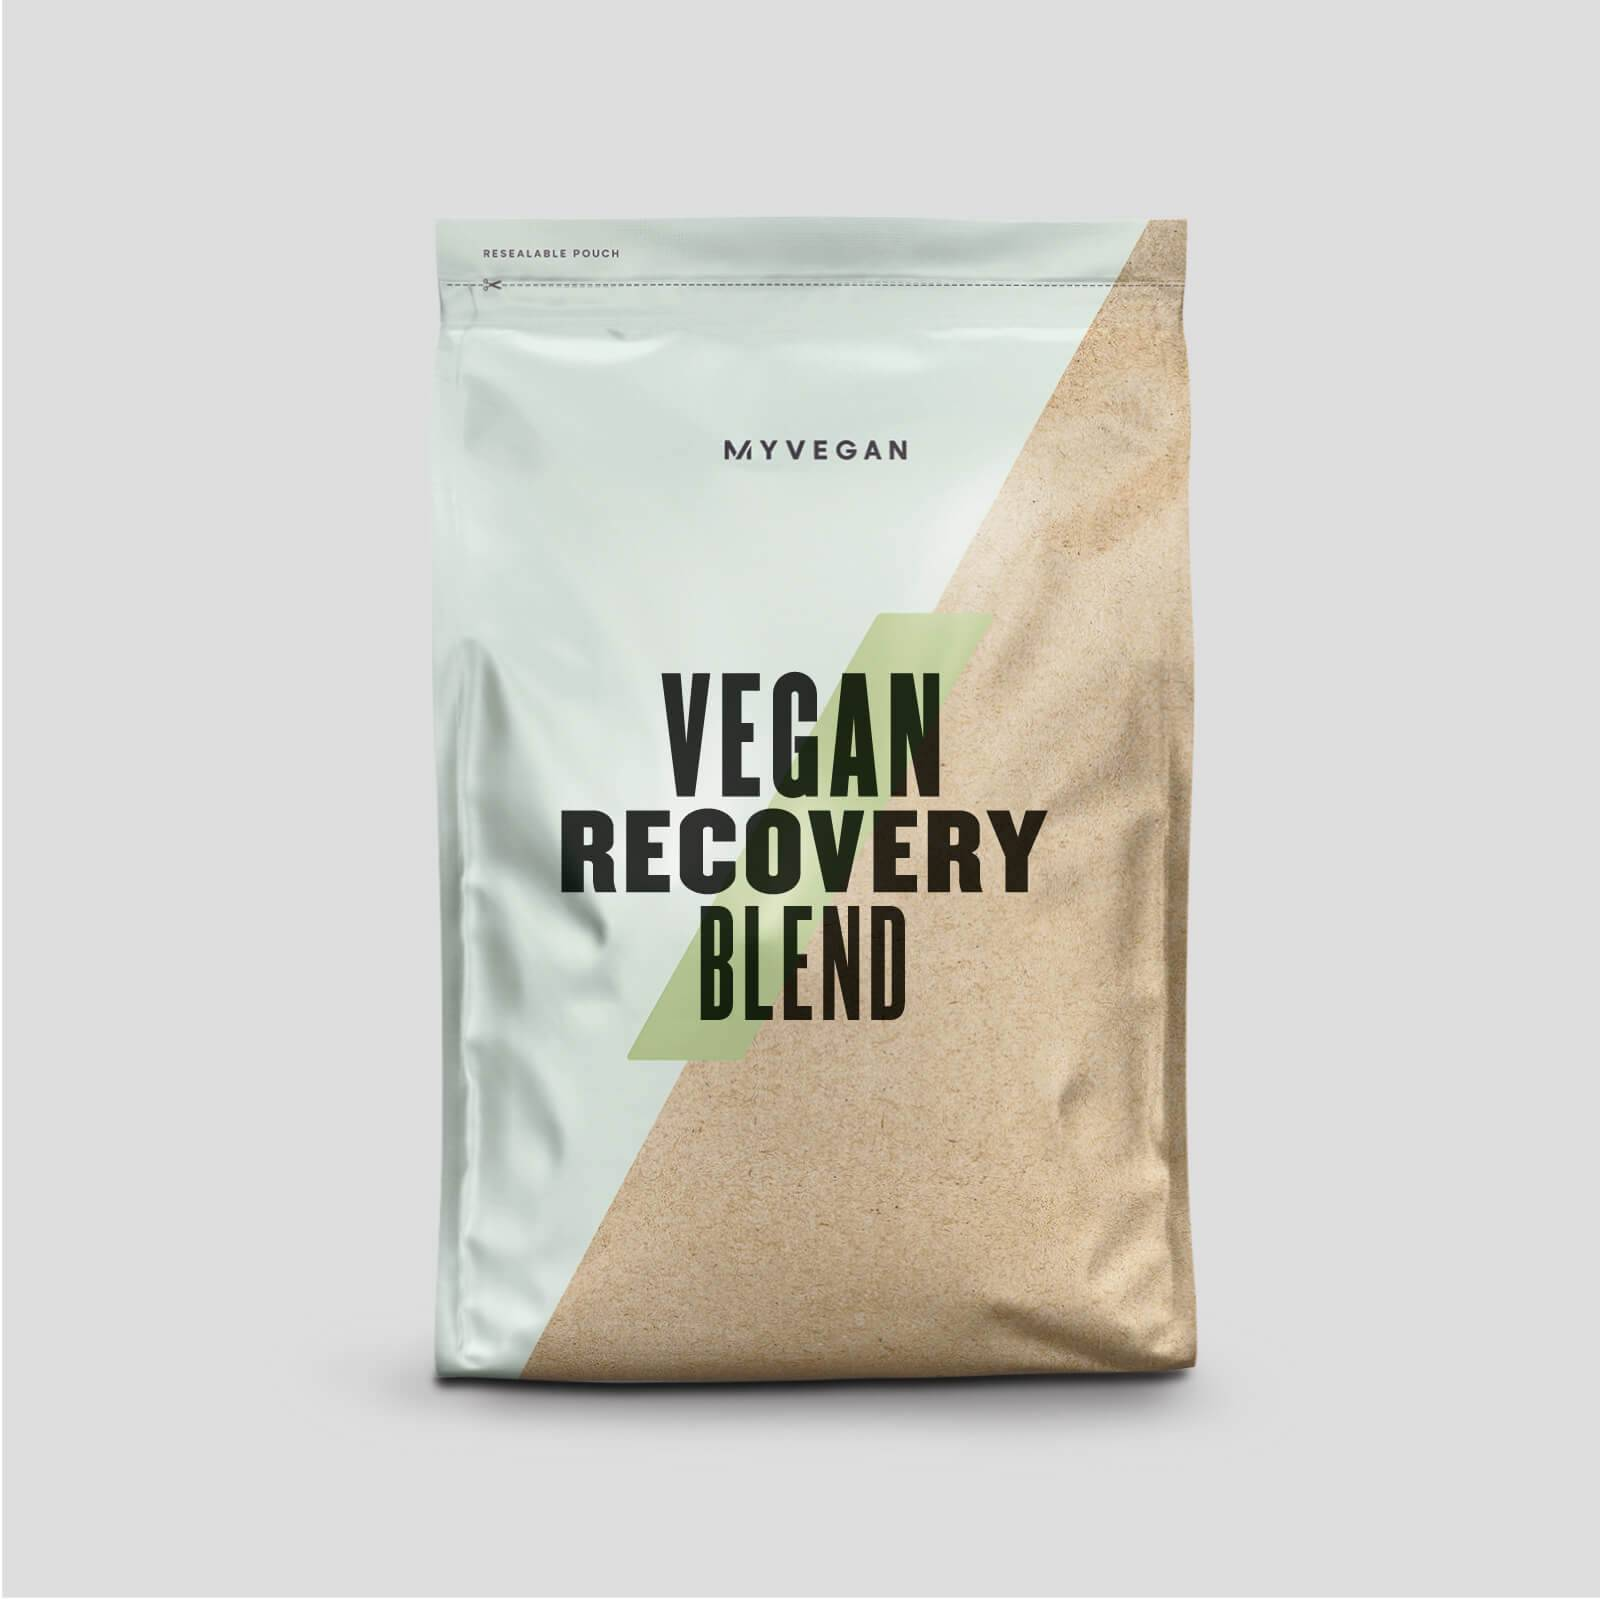 myprotein soluzione vegana per il recupero - 2.5kg - banana e cannella